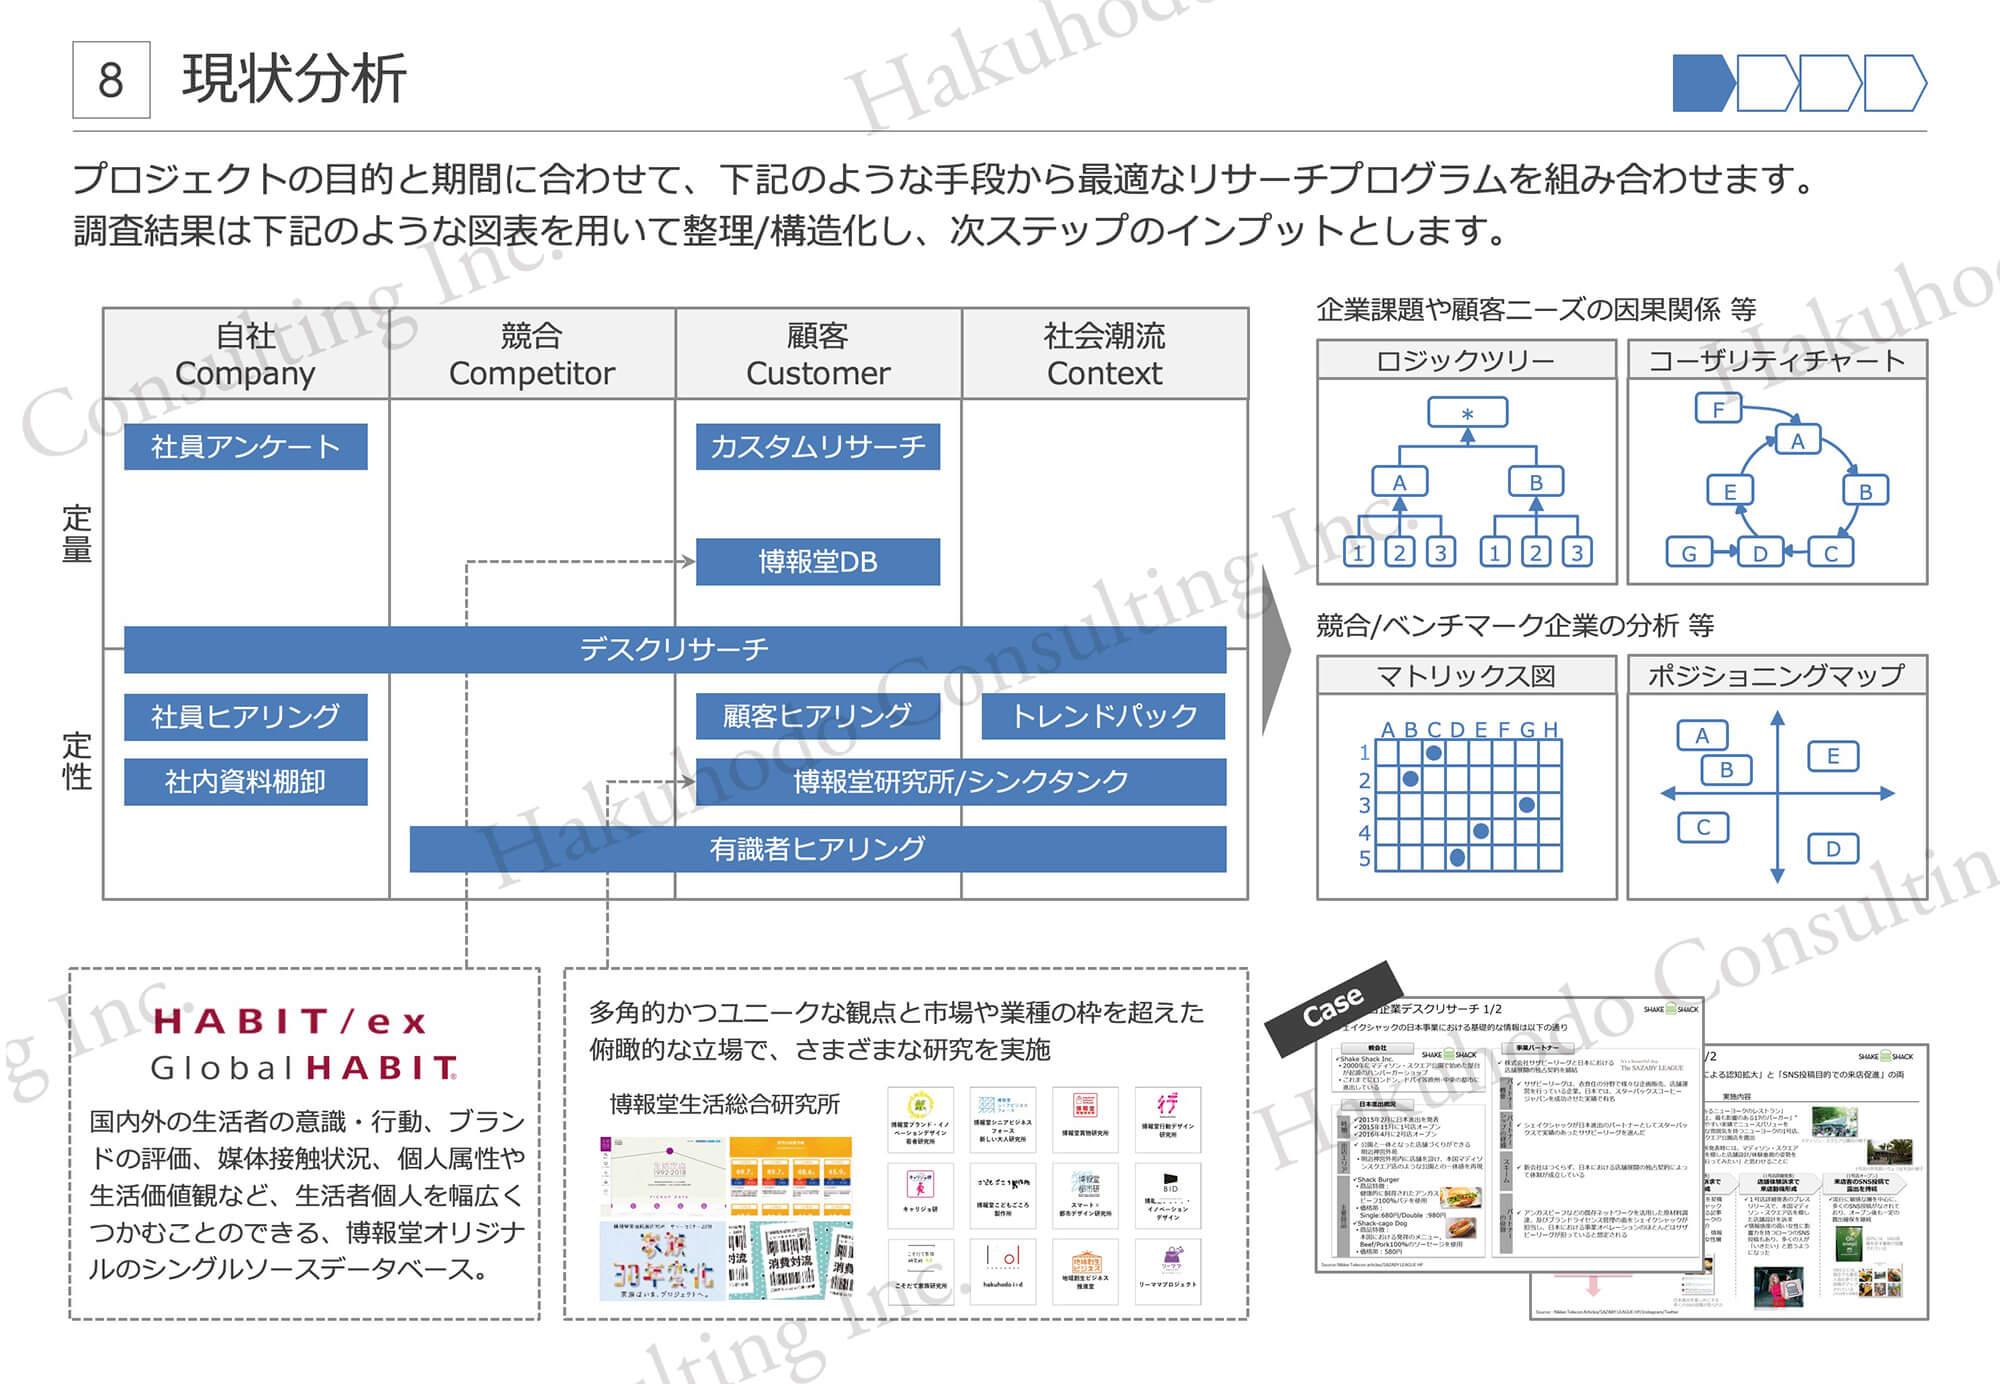 現状分析 プロジェクトの目的と期間に合わせて、下記のような手段から最適なリサーチプログラムを組み合わせます。調査結果は下記のような図表を用いて整理/構造化し、次ステップのインプットとします。